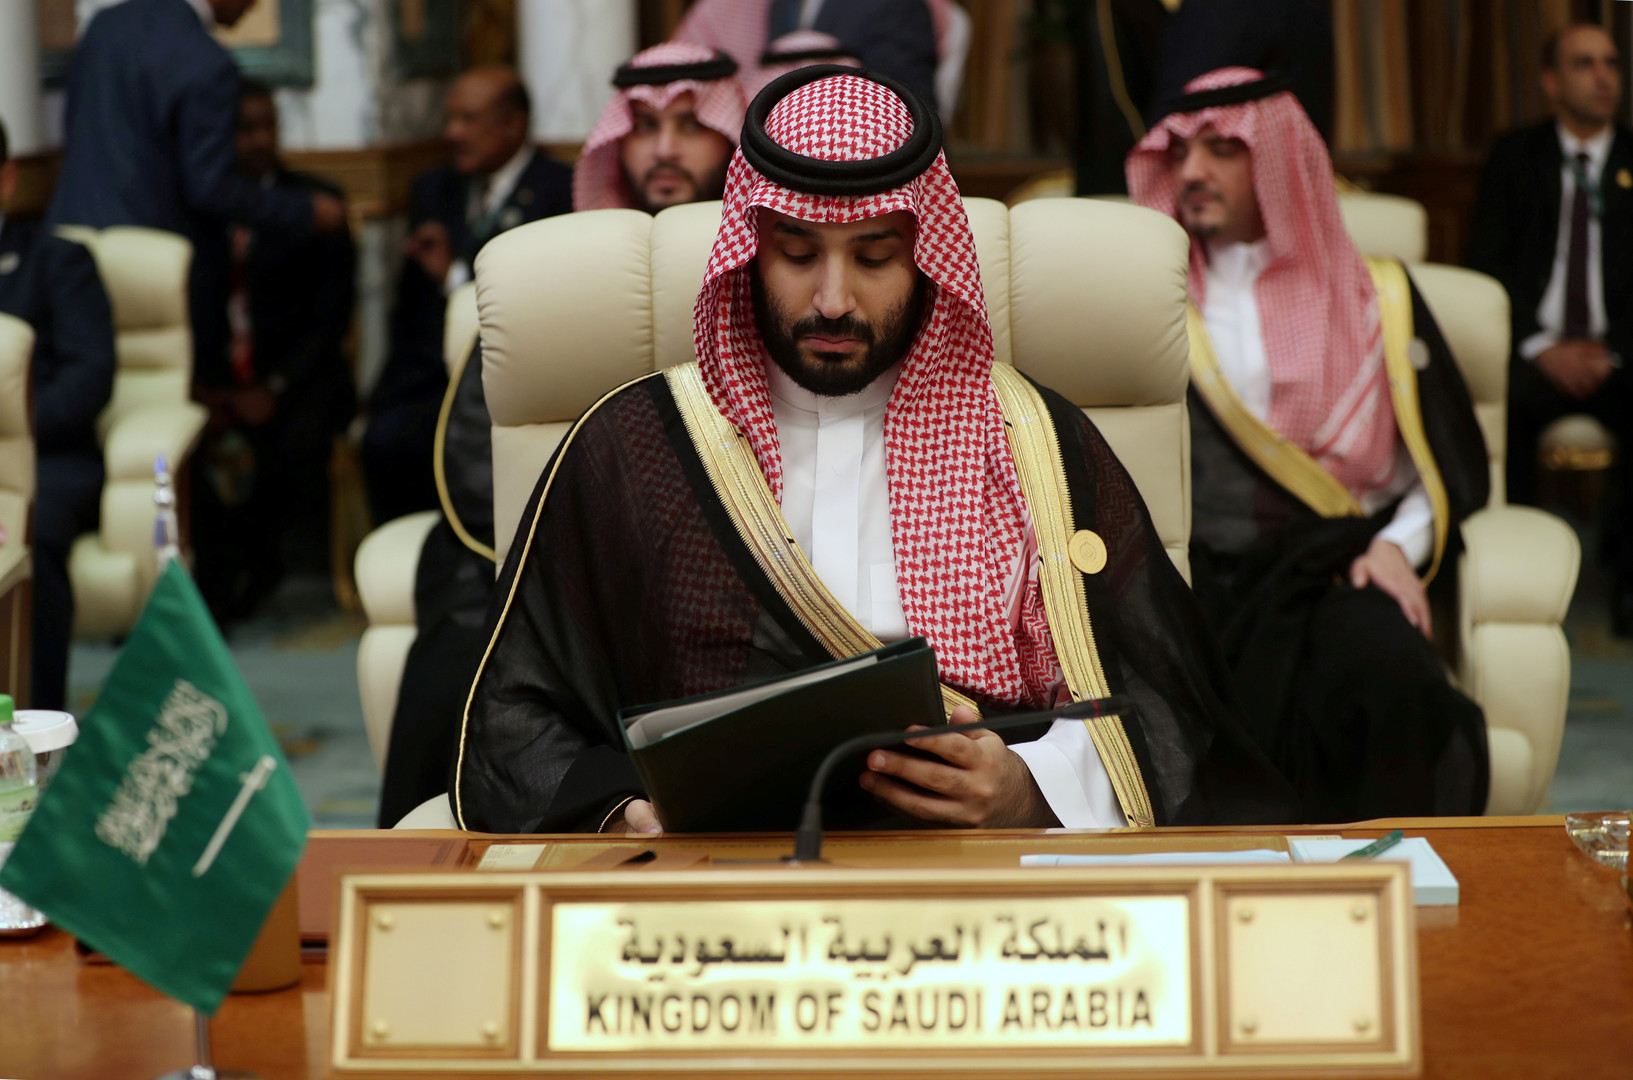 محققة أممية تؤكد وجود أدلة كافية تربط ولي العهد السعودي بقتل خاشقجي